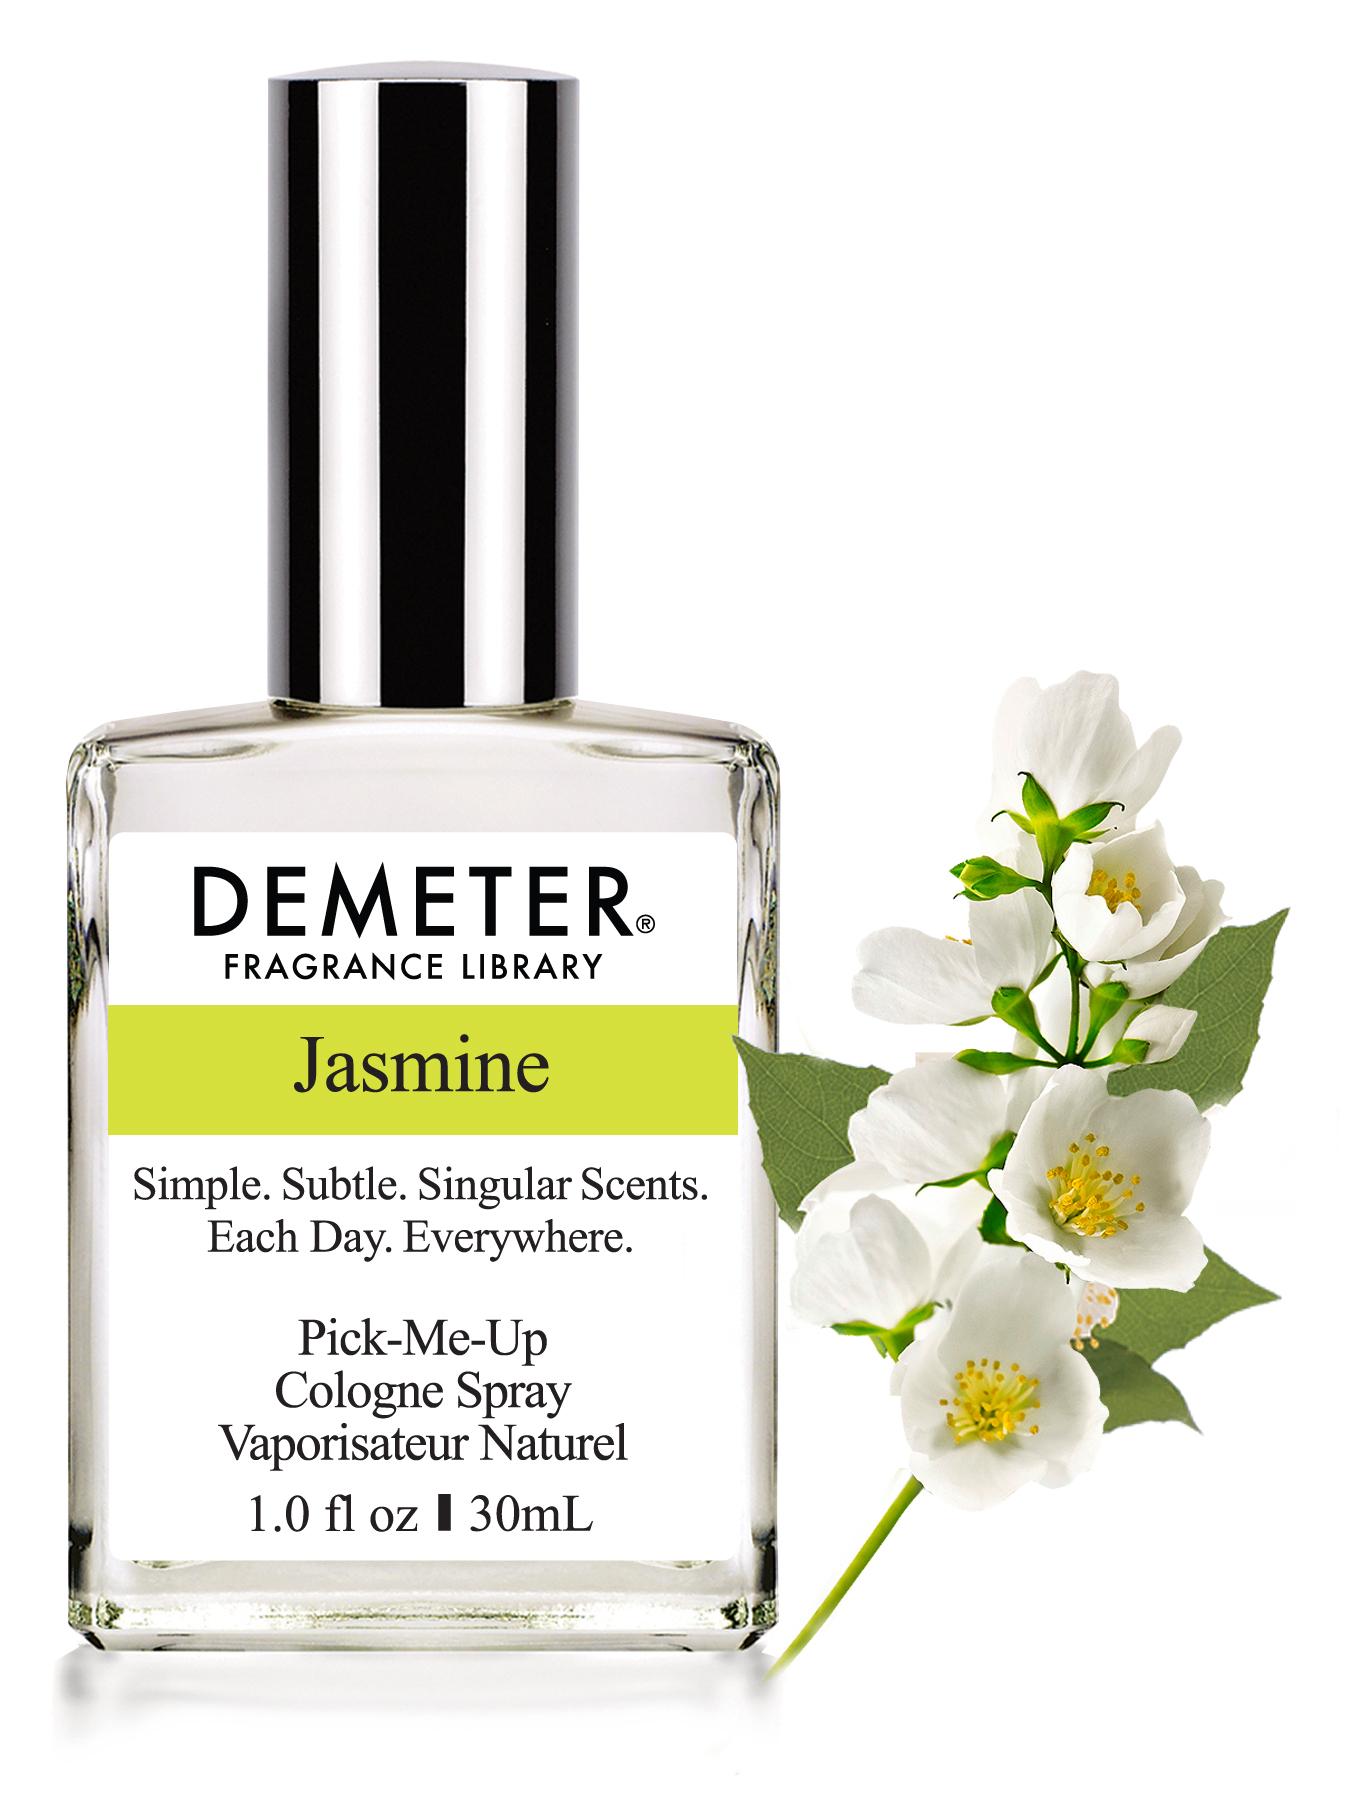 Jasmine Demeter Fragrance Library